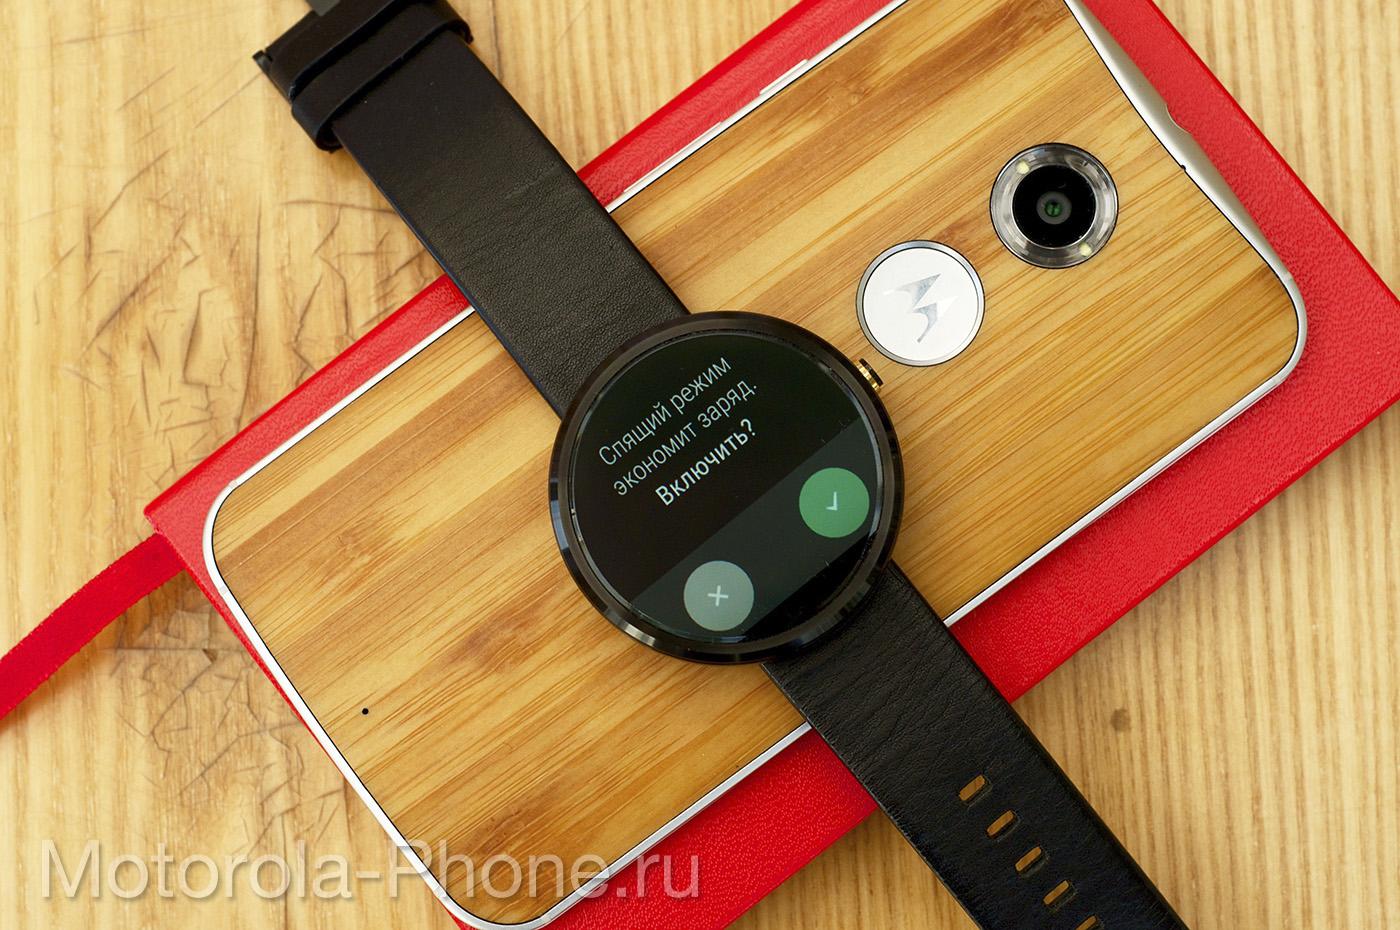 Motorola-Moto-360-Android-Wear-5-1-07 copy